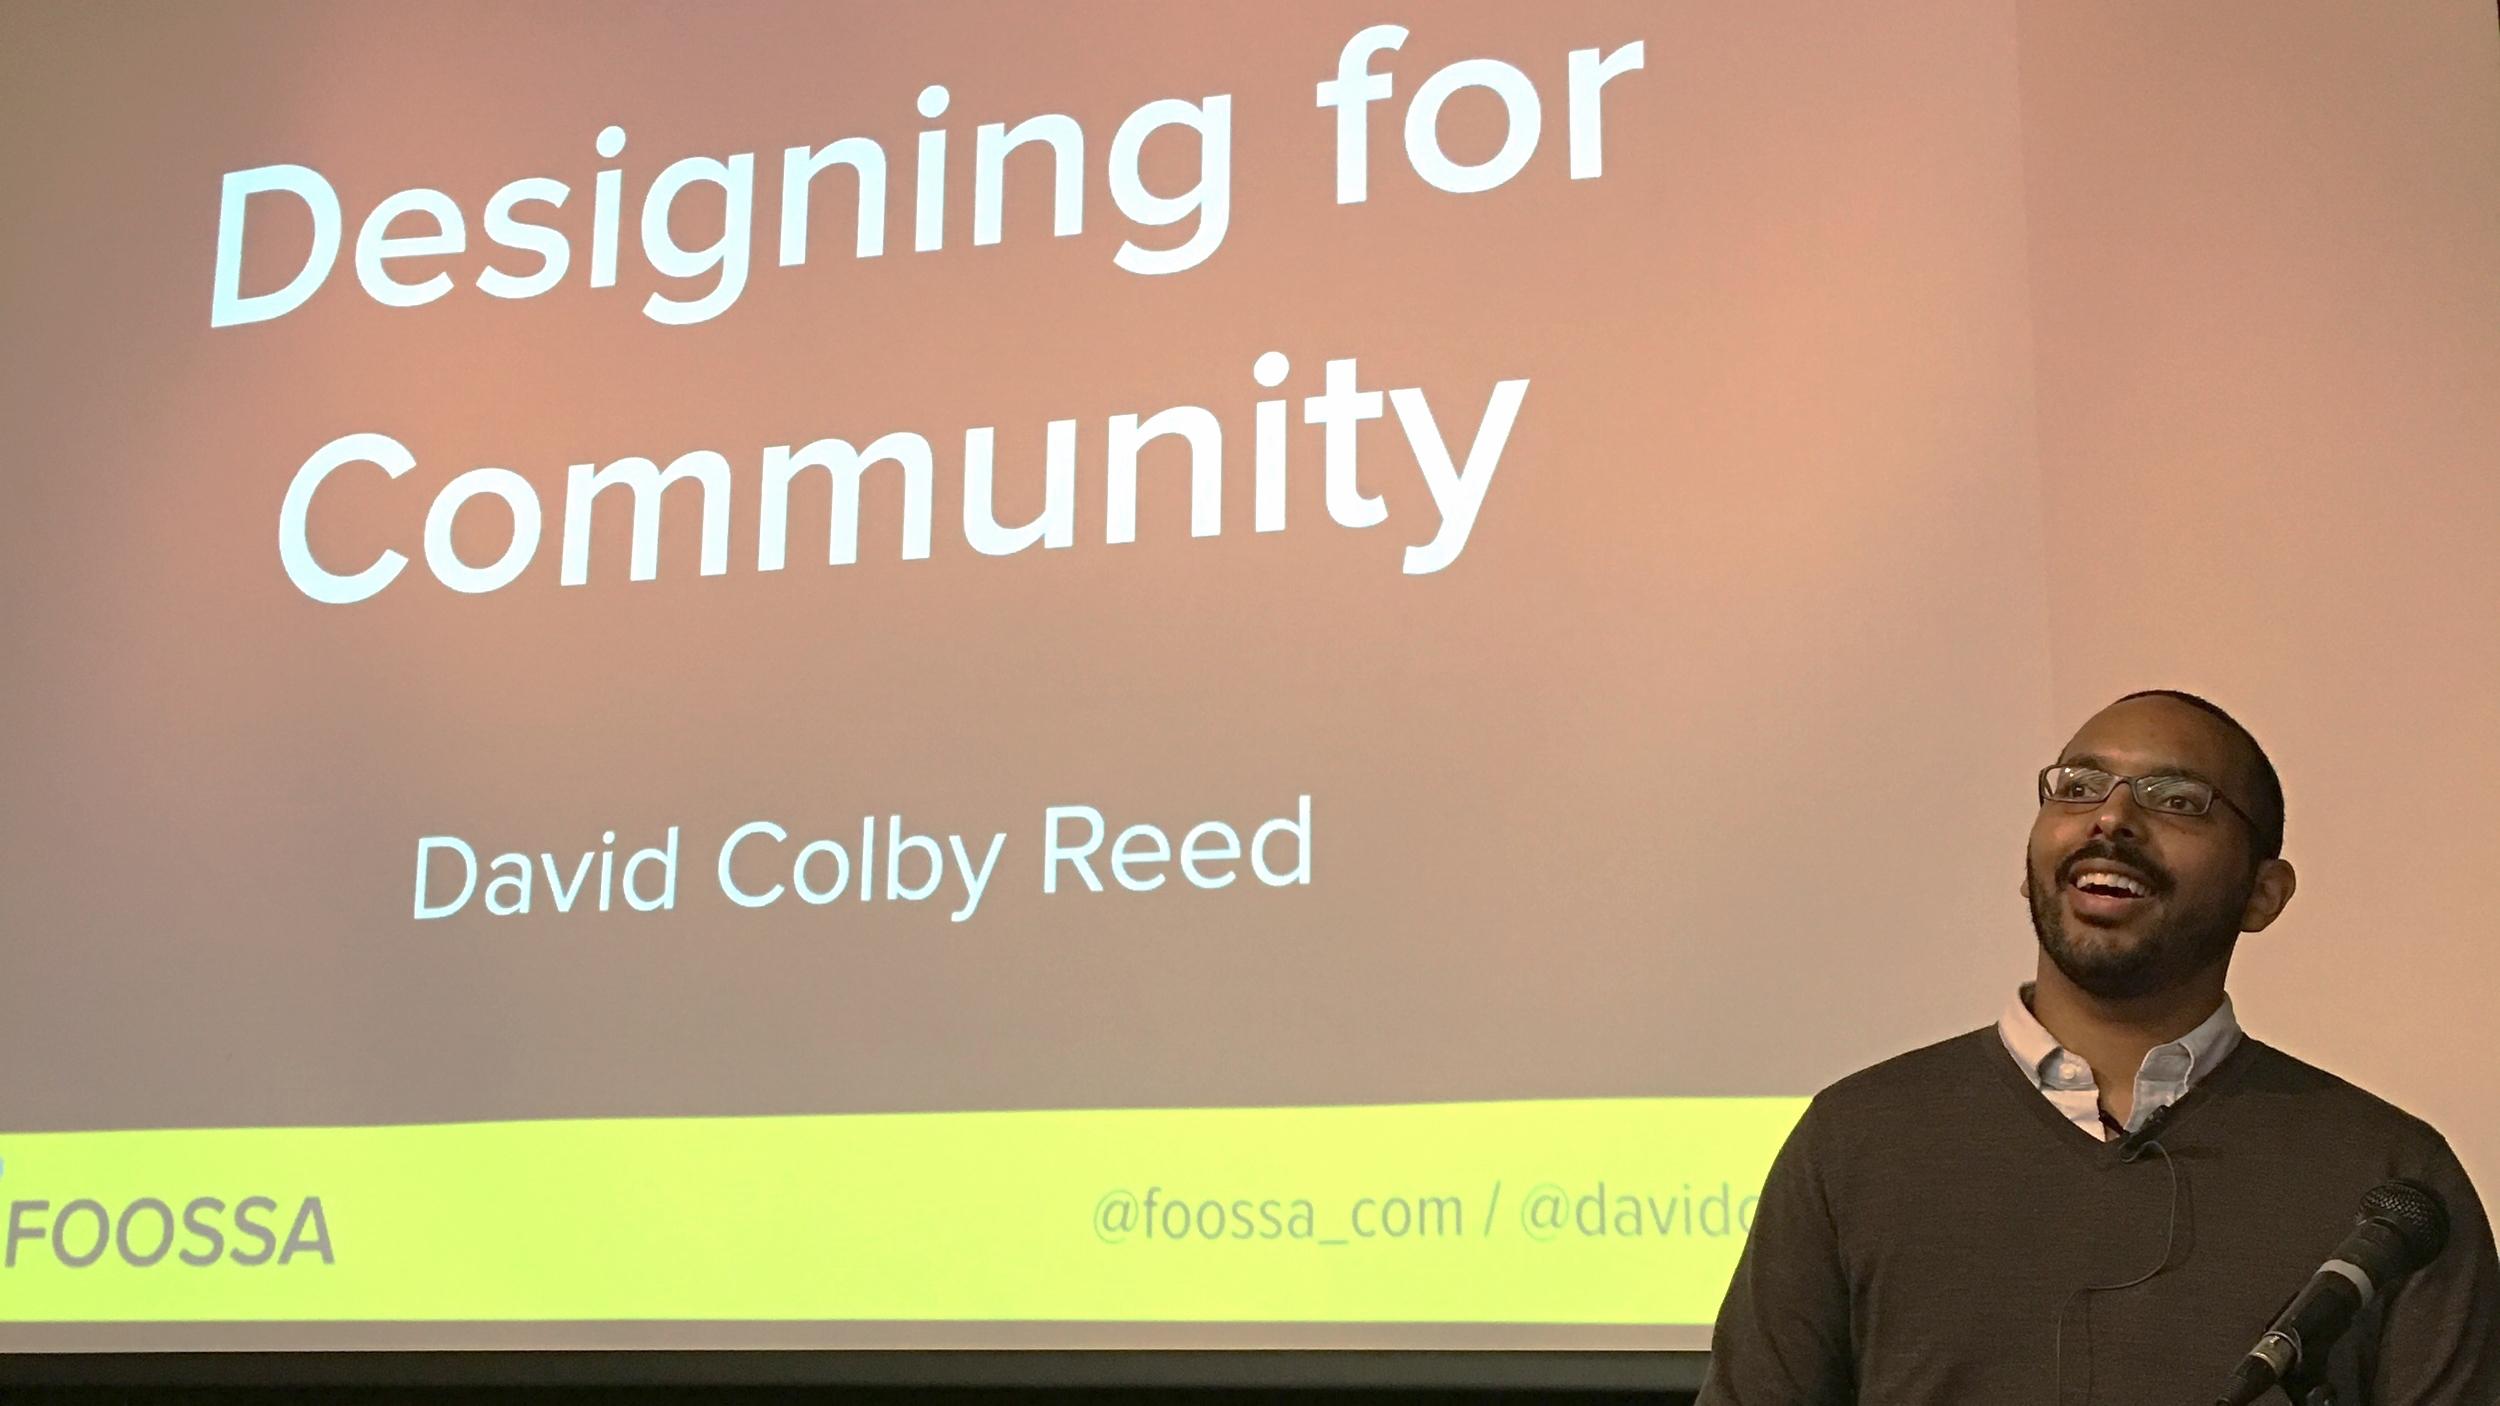 Design For Community presentation at Service Design International Conference 2015